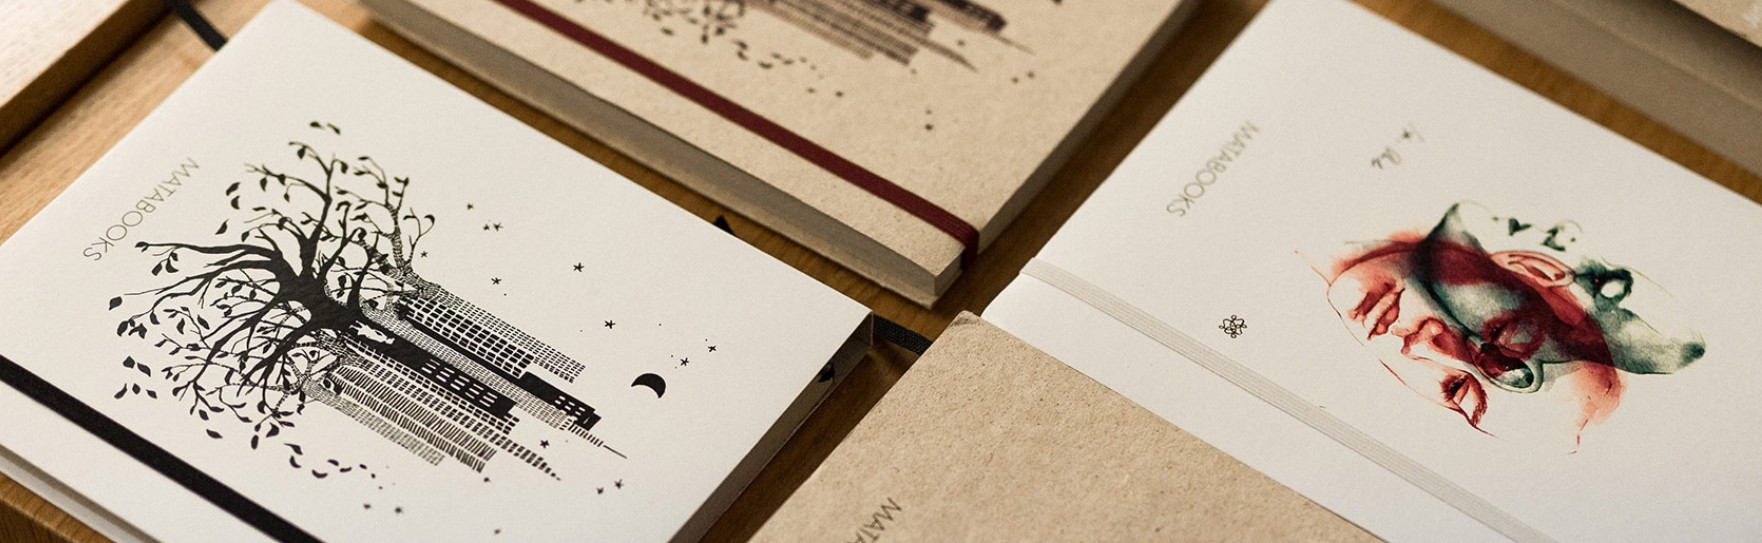 Bei Matabooks wird auf Holz komplett verzichtet. (Foto: Matabooks)